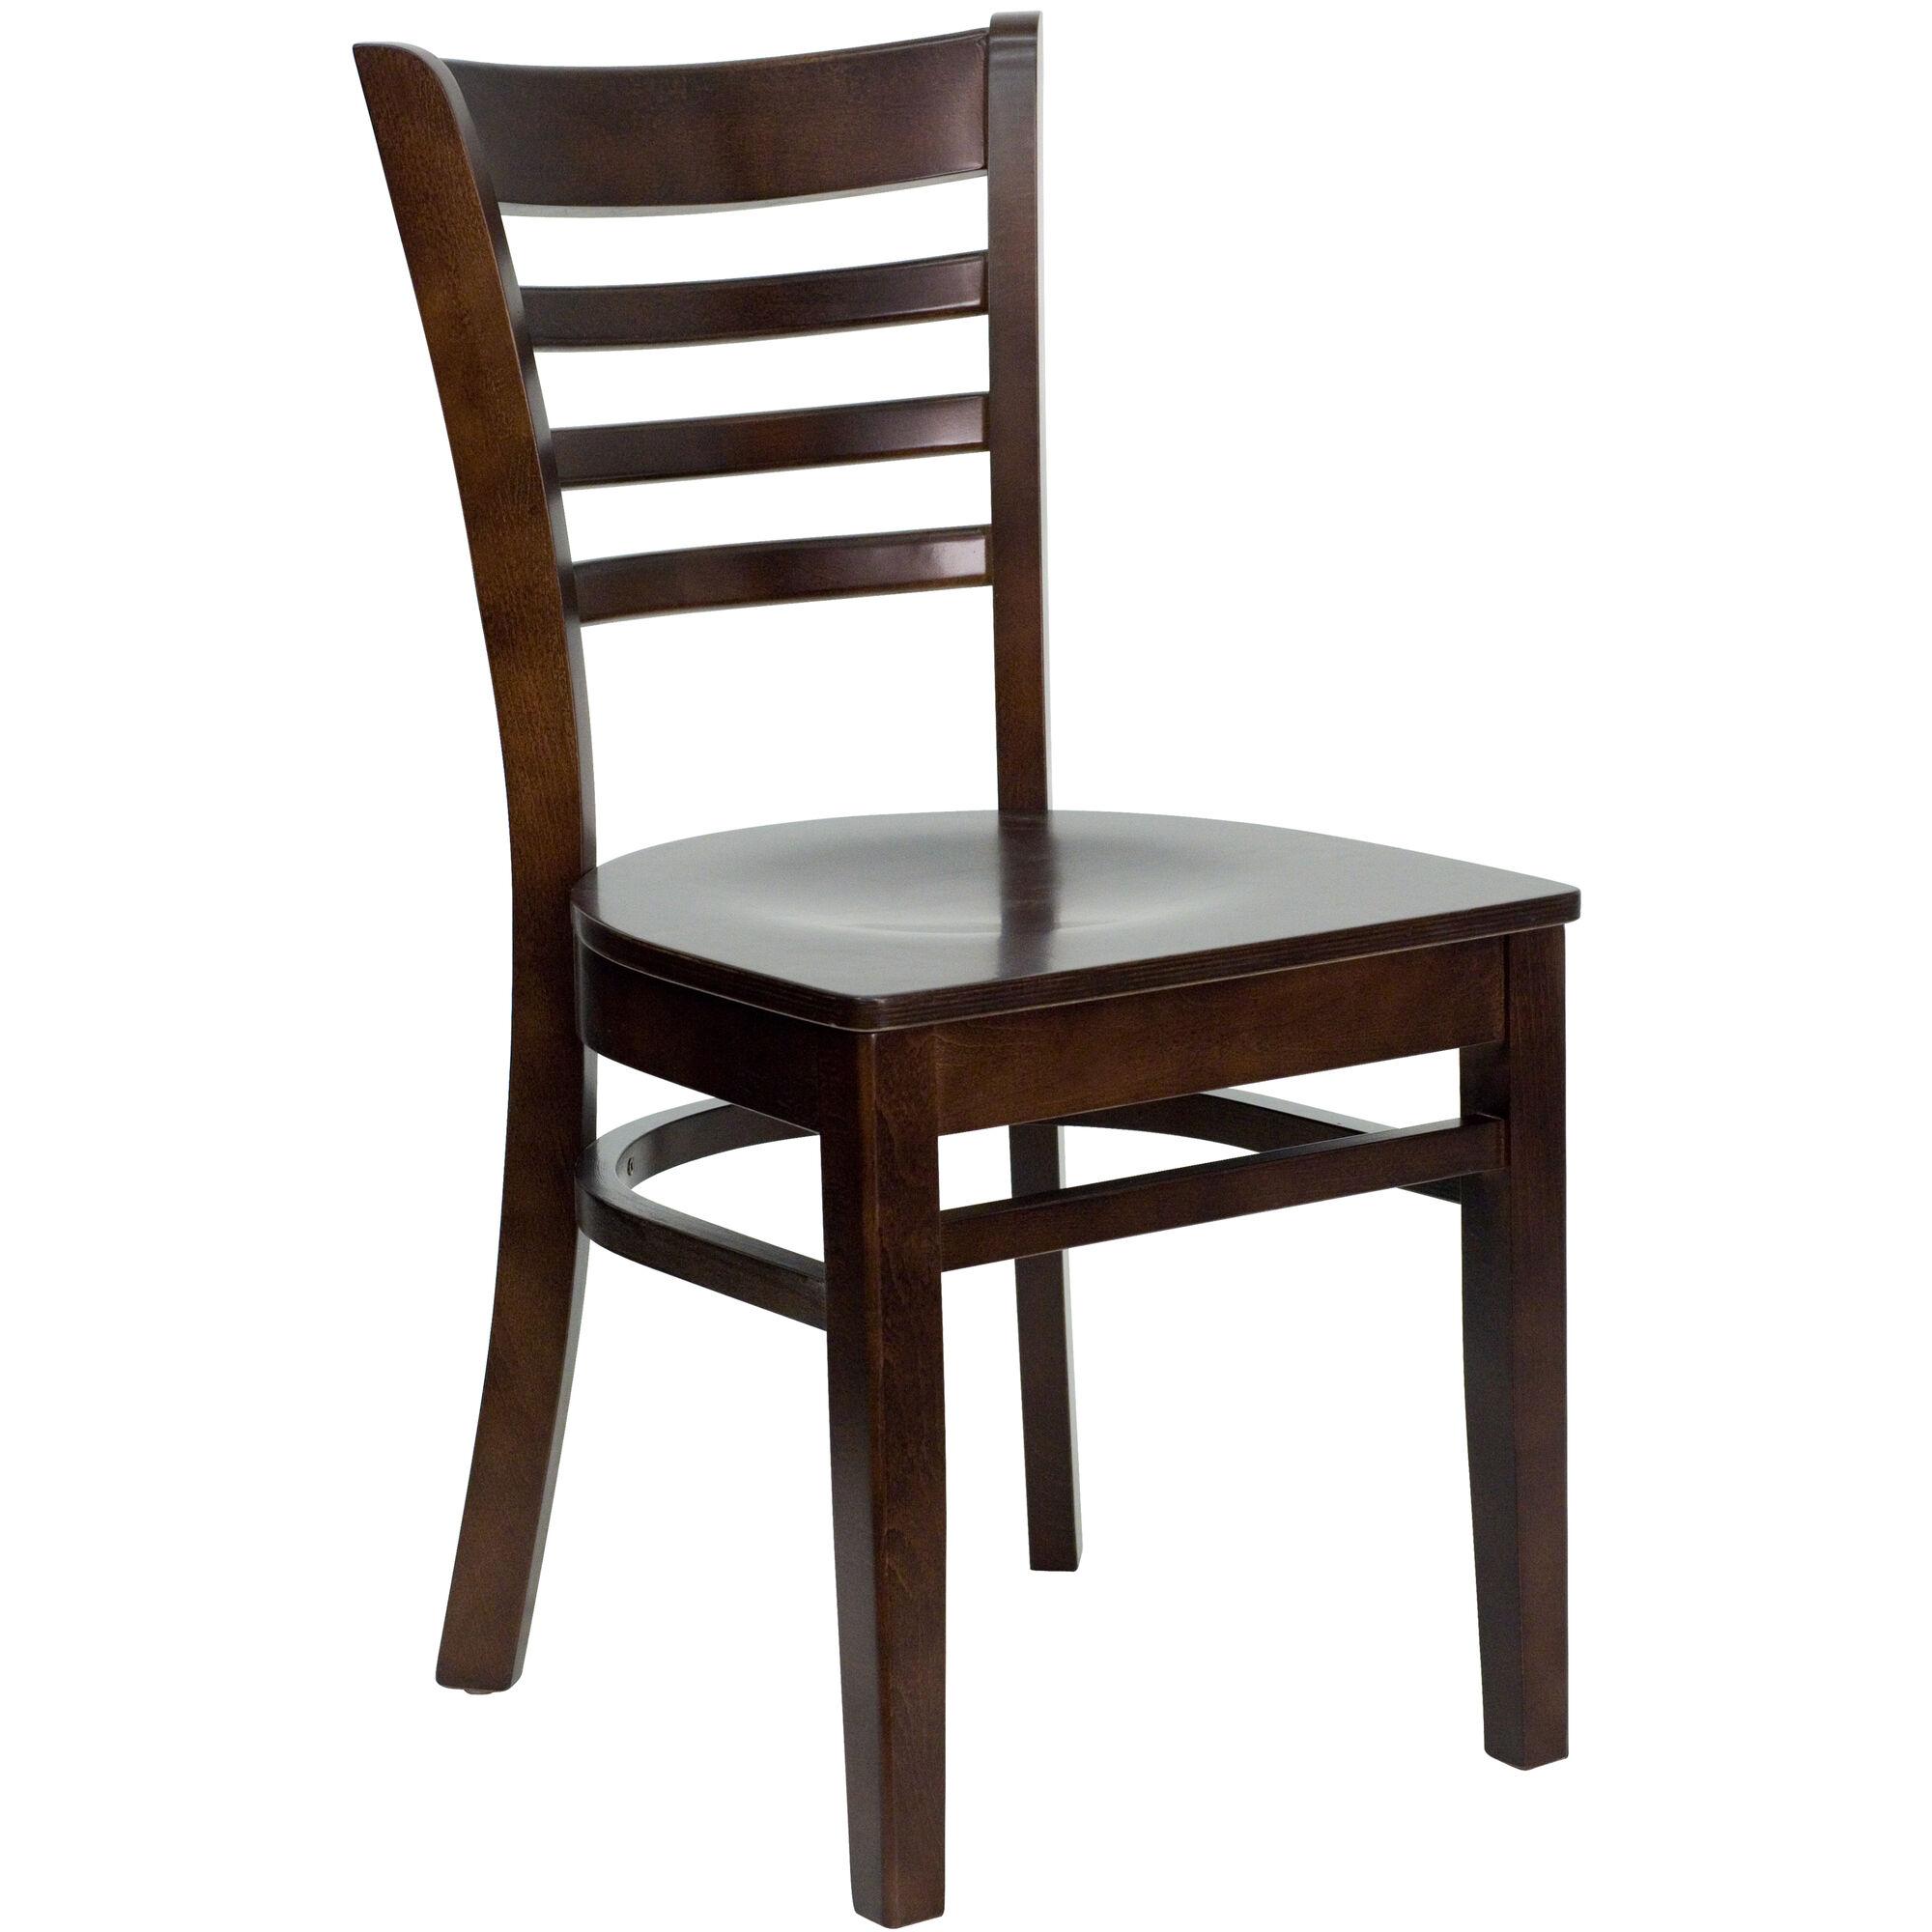 Walnut Wood Dining Chair Bfdh 8241ww Tdr